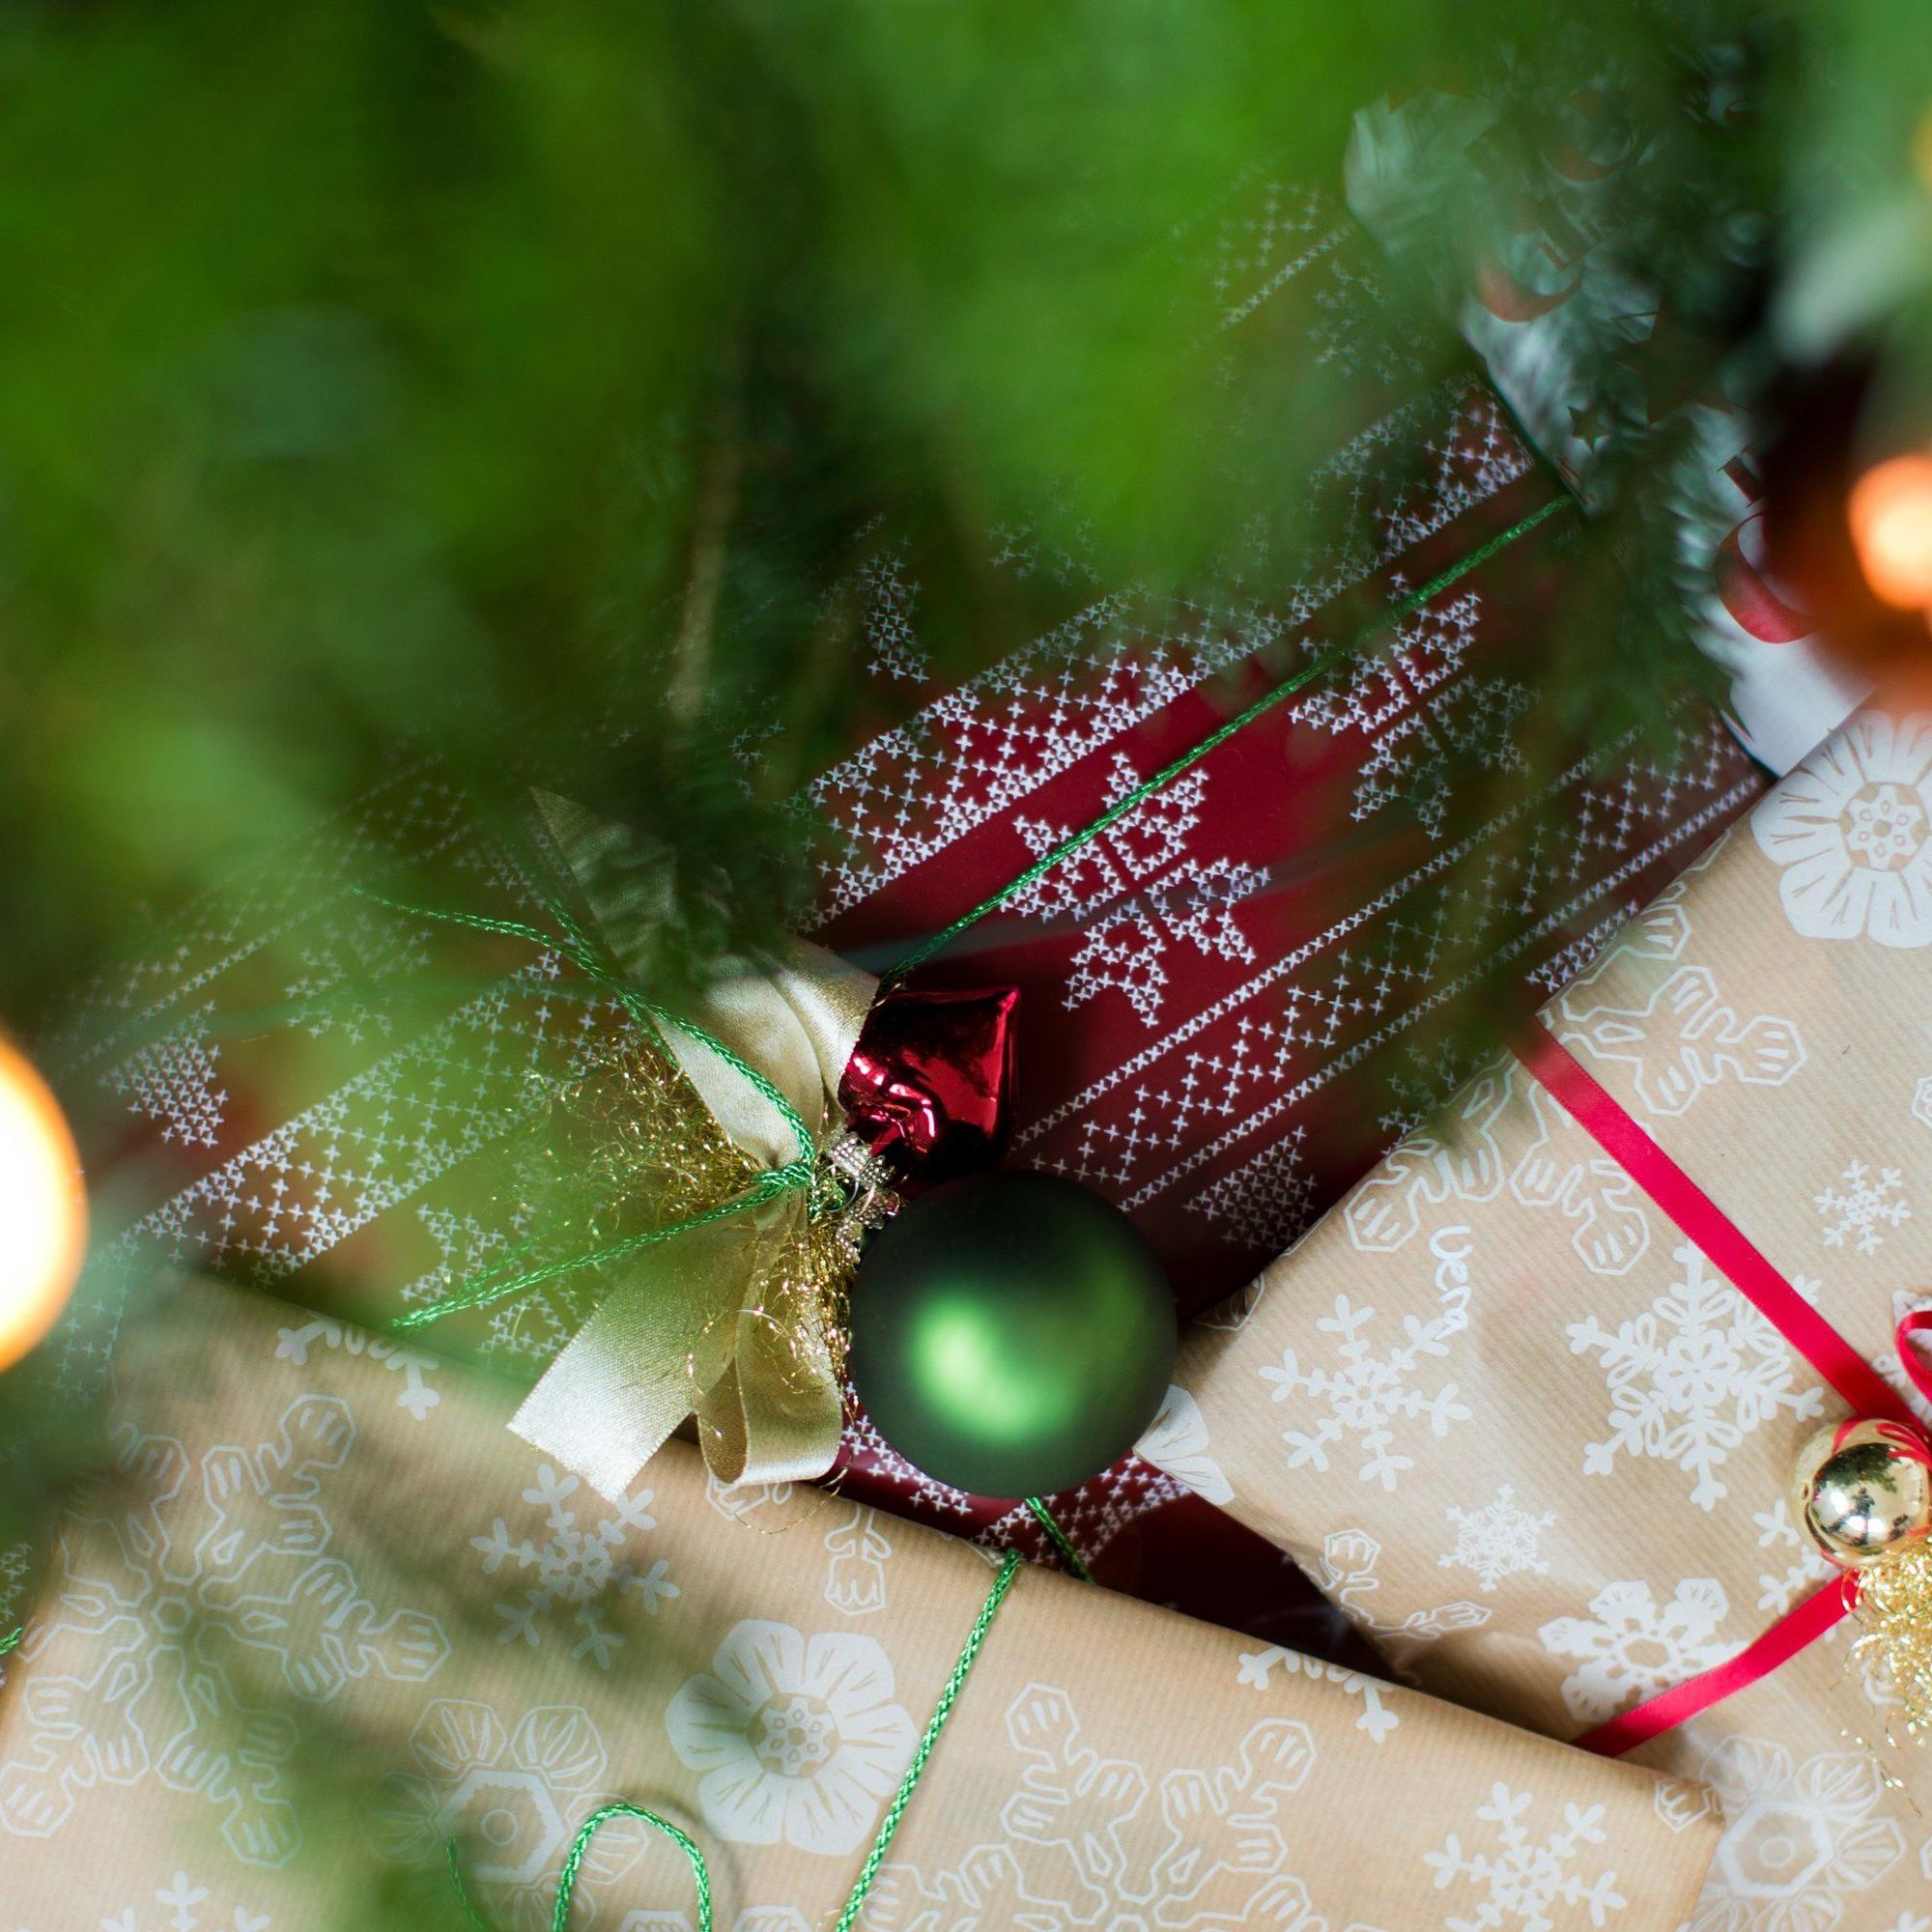 Die (un)beliebtesten Weihnachtsgeschenke der Österreicher - SALZBURG24